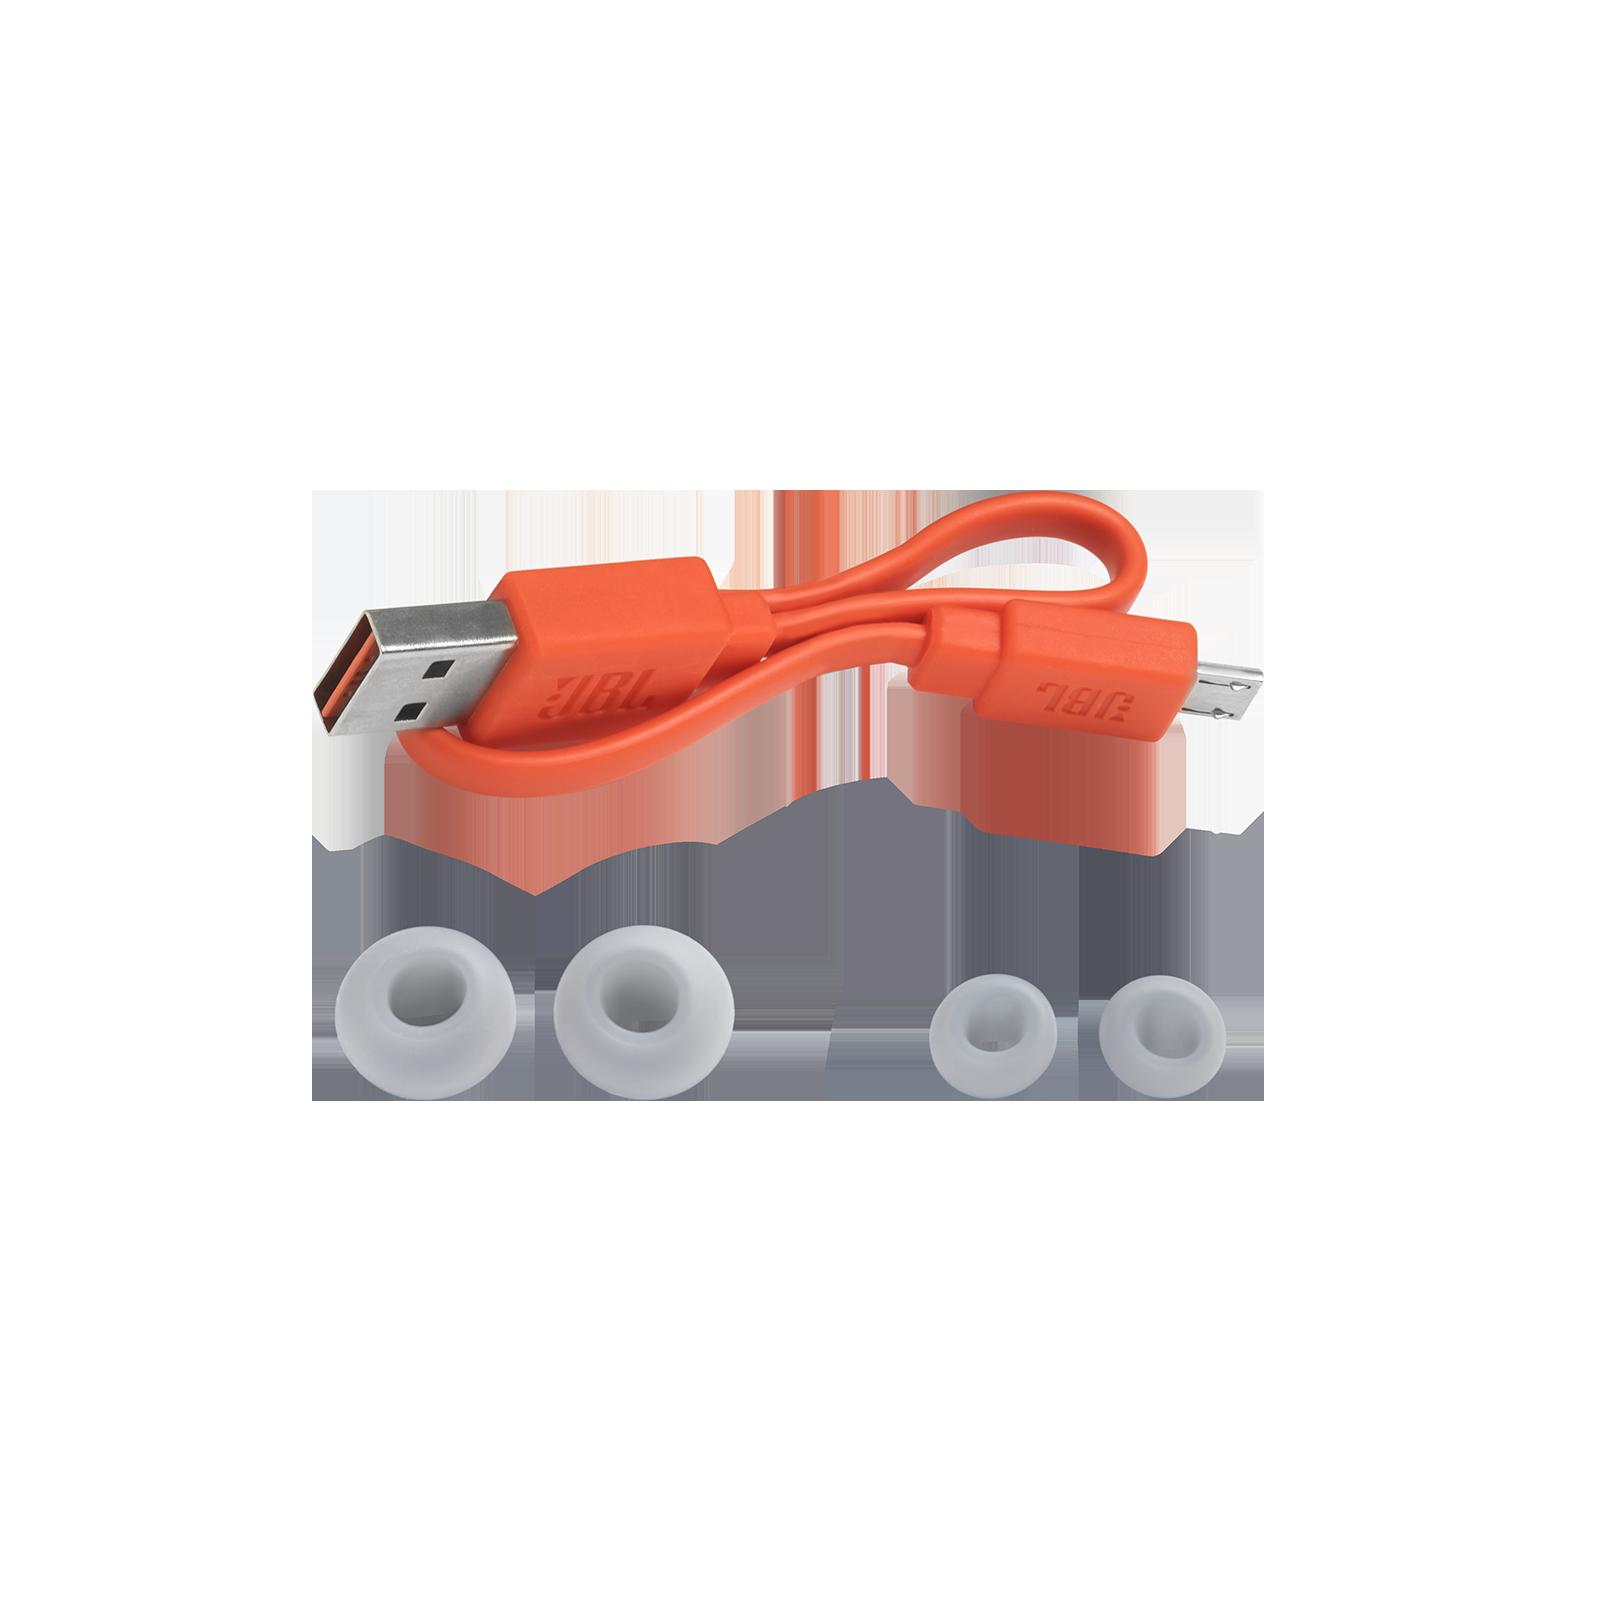 JBL Endurance PEAK - Blue - Waterproof True Wireless In-Ear Sport Headphones - Detailshot 4